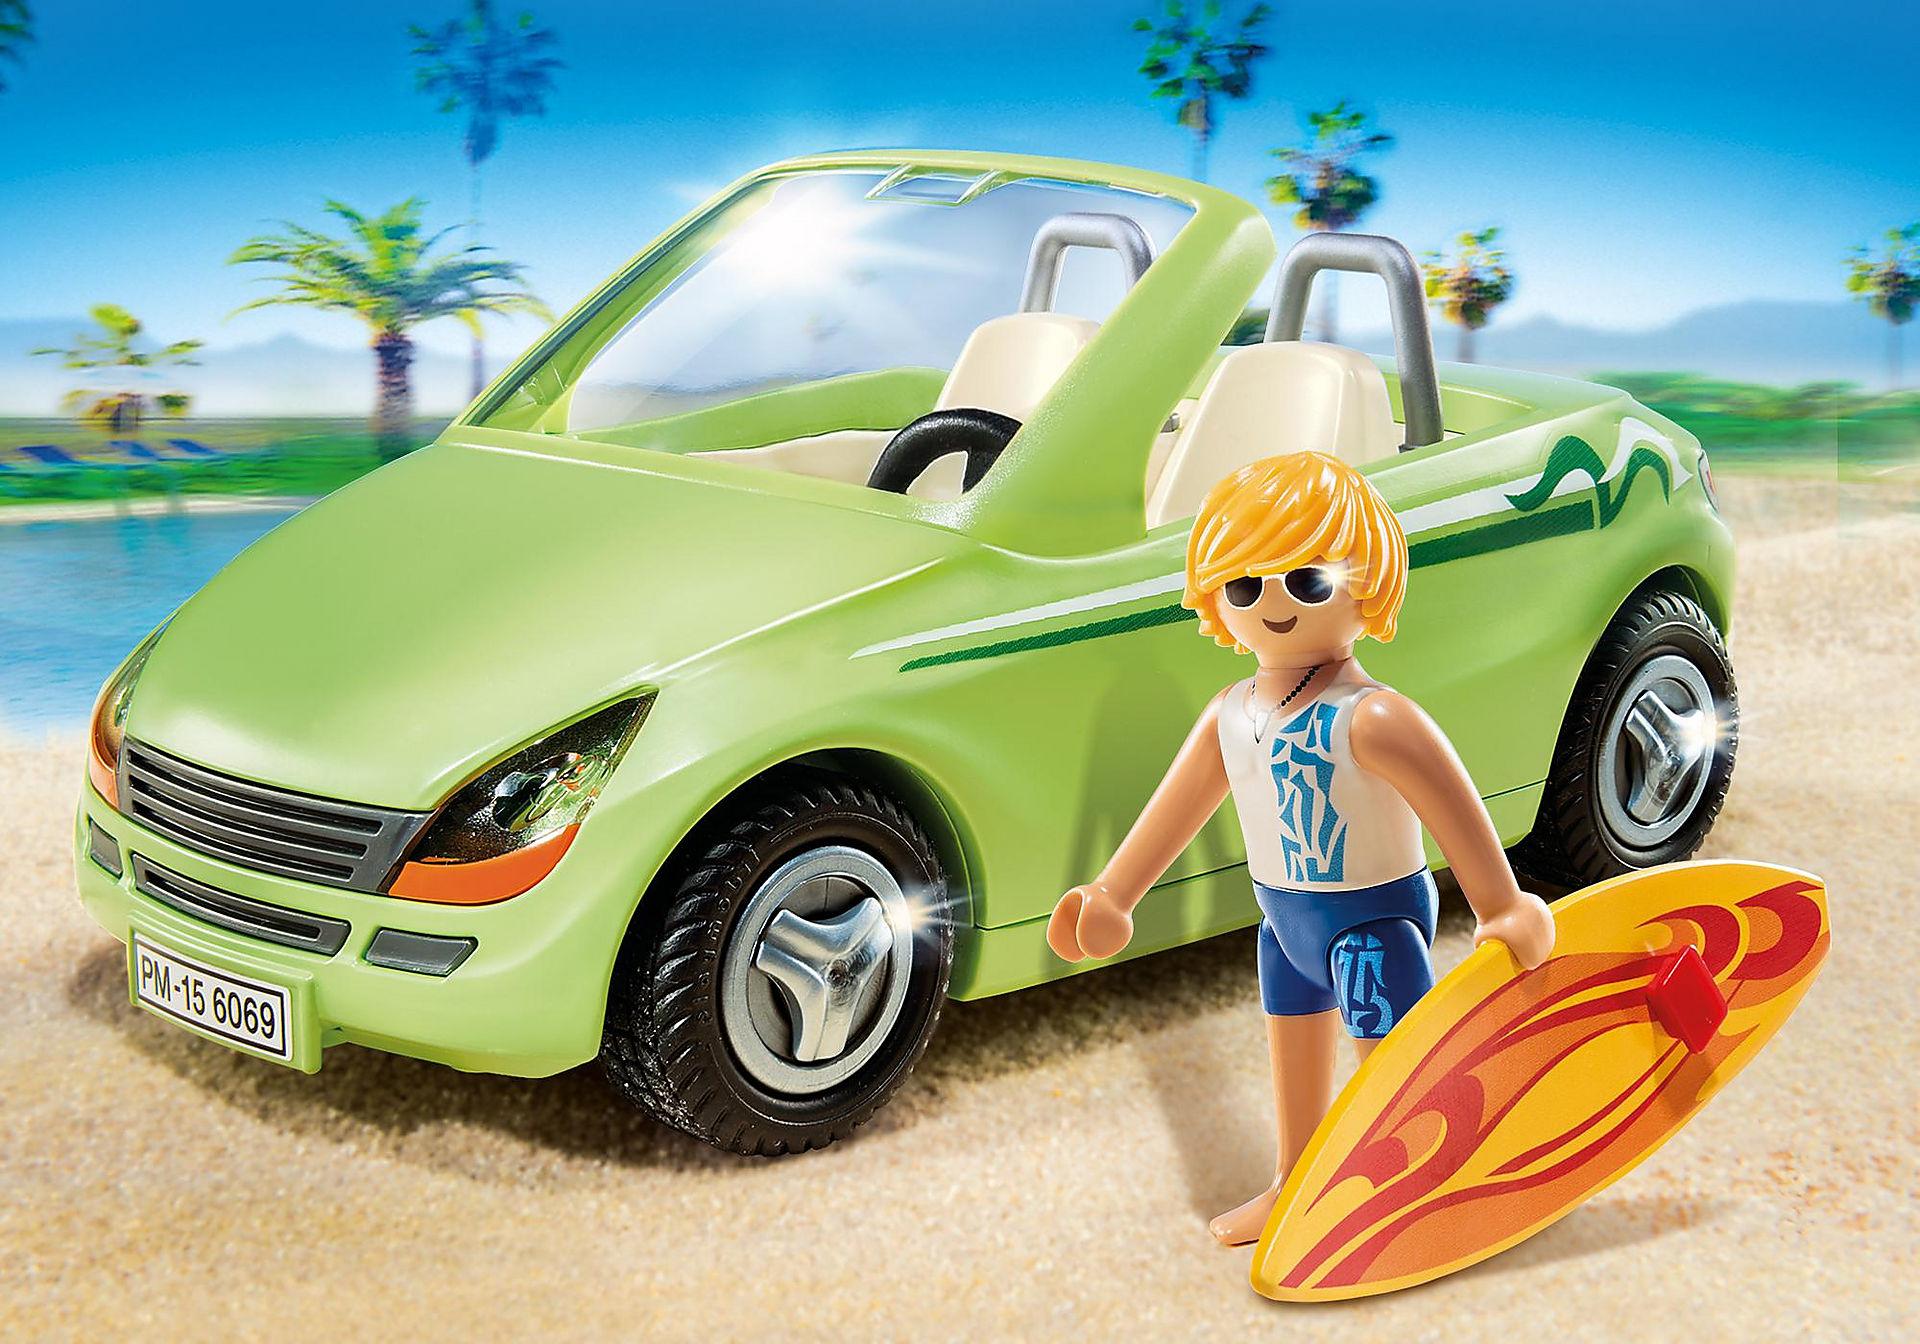 6069 Surfeur et voiture décapotable  zoom image1